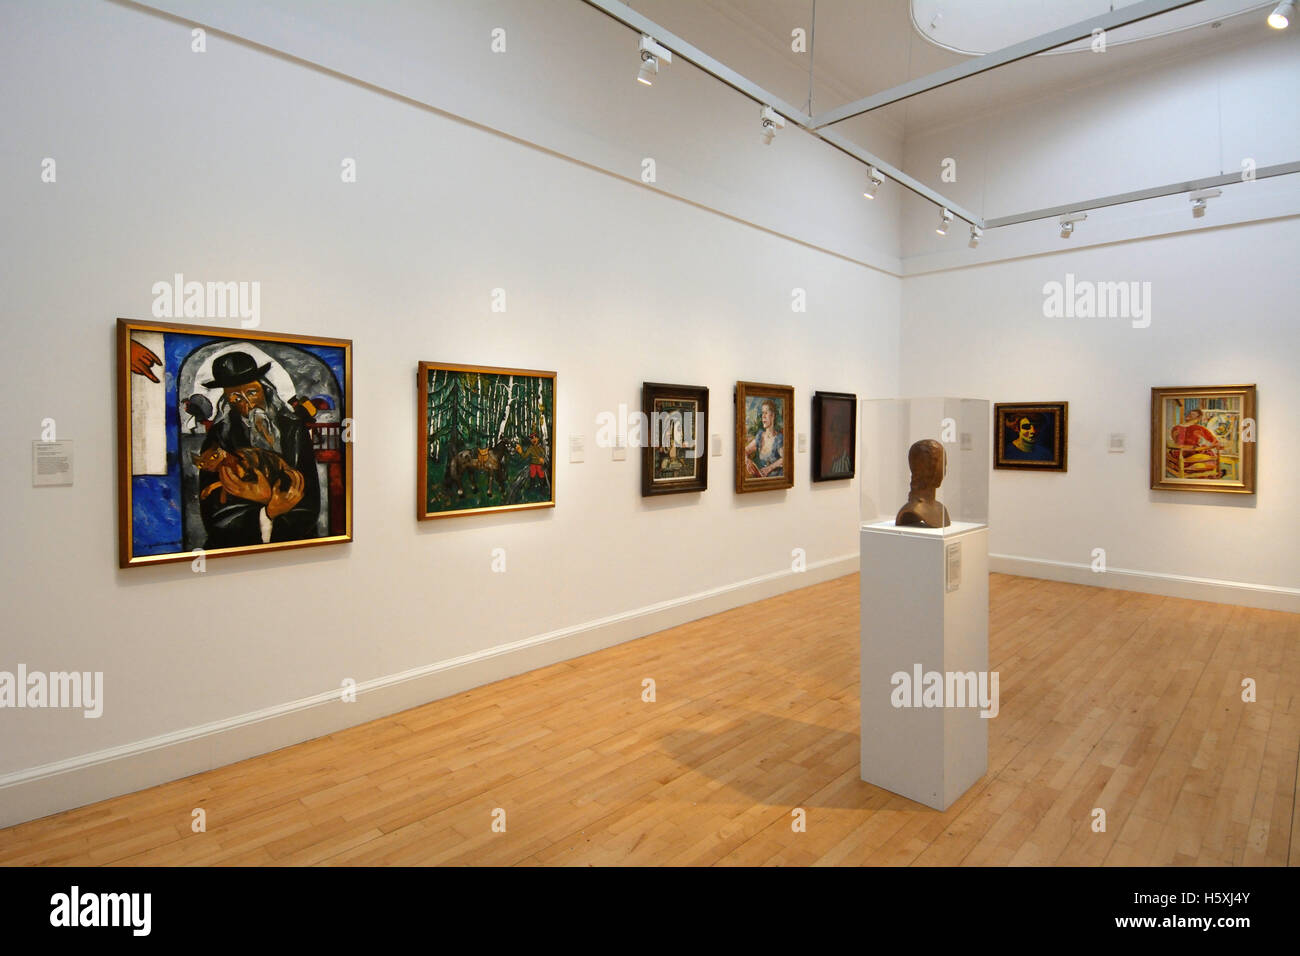 https://c8.alamy.com/compde/h5xj4y/grossbritannien-schottland-edinburgh-interieur-von-der-scottish-national-galerie-modern-art-h5xj4y.jpg